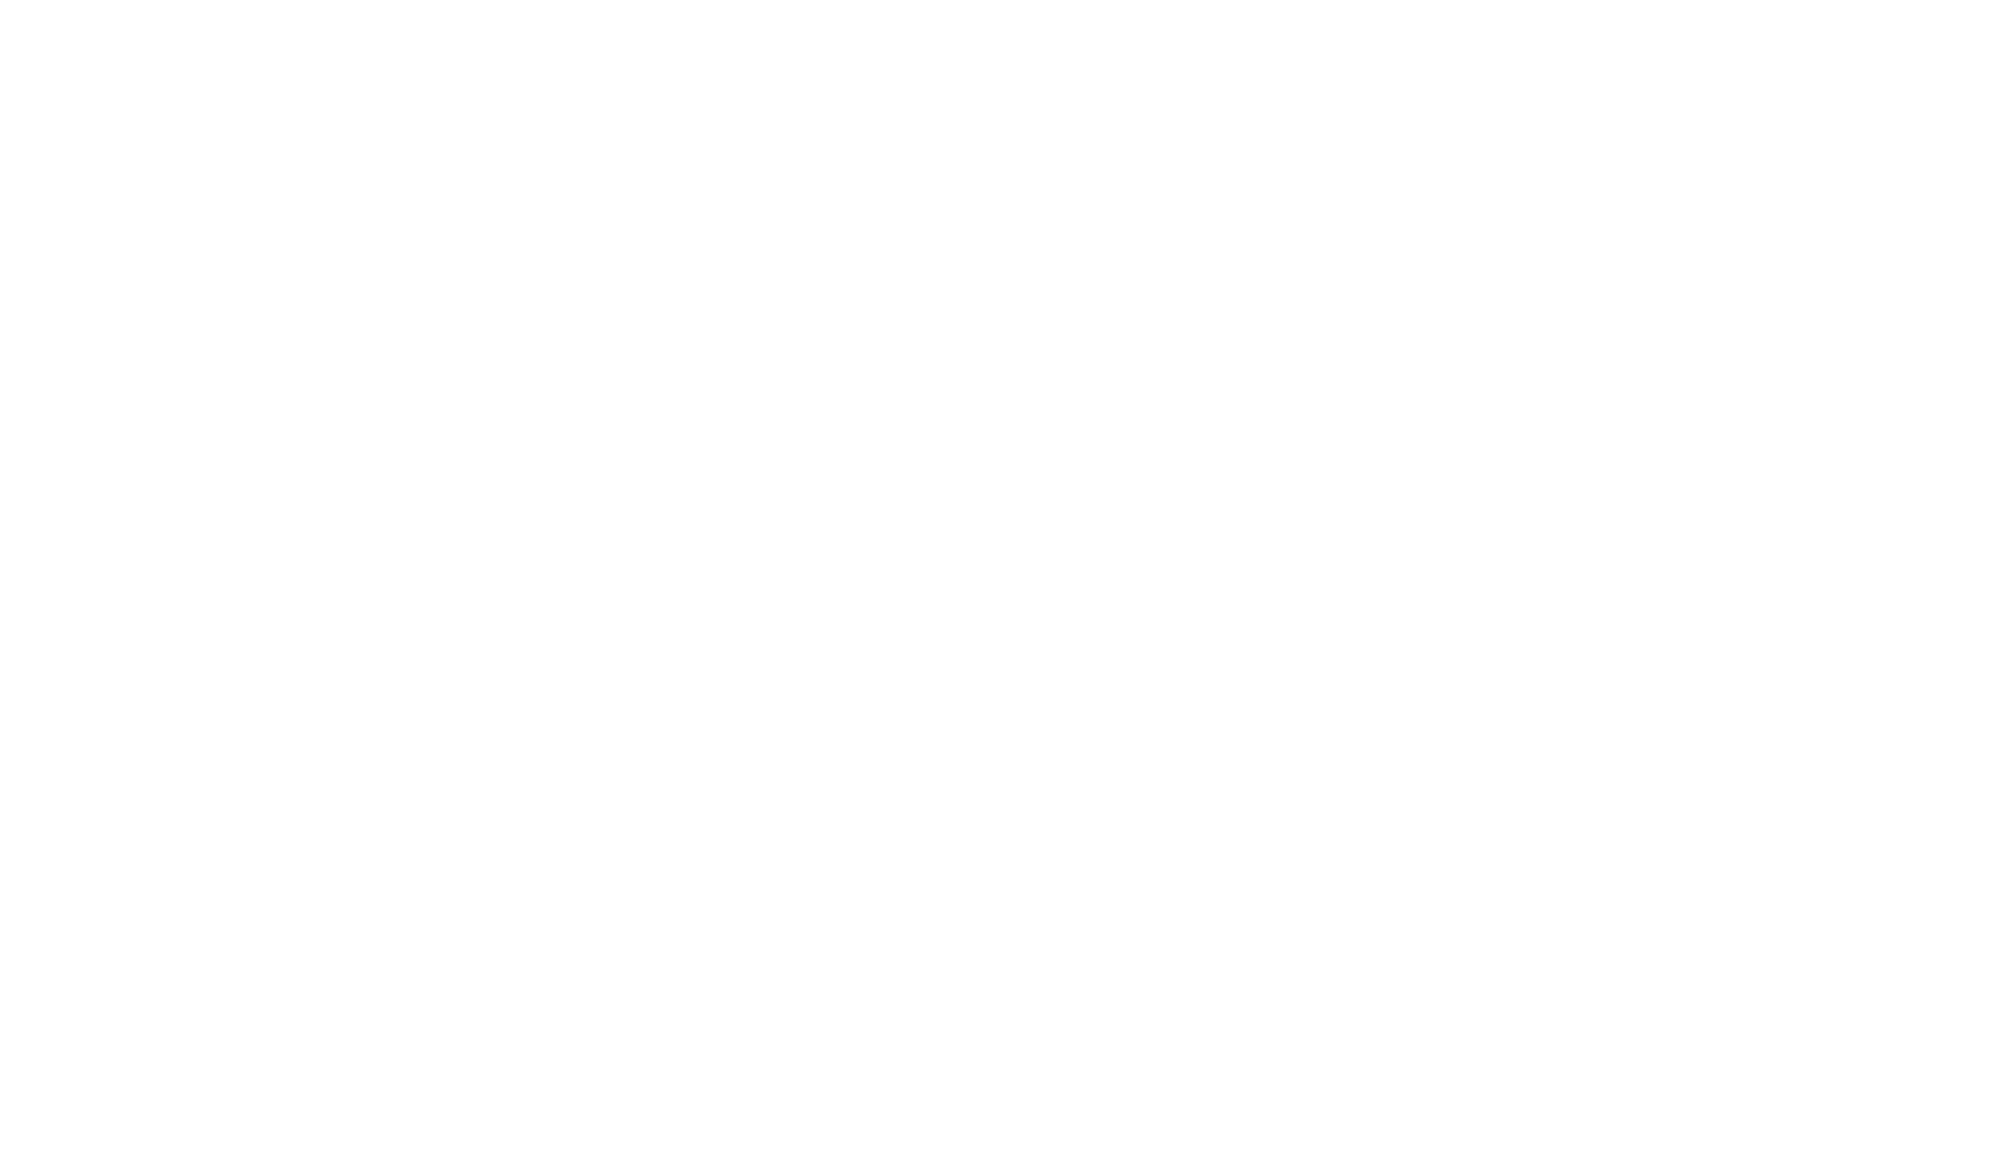 logo_adlerhorst_white.png